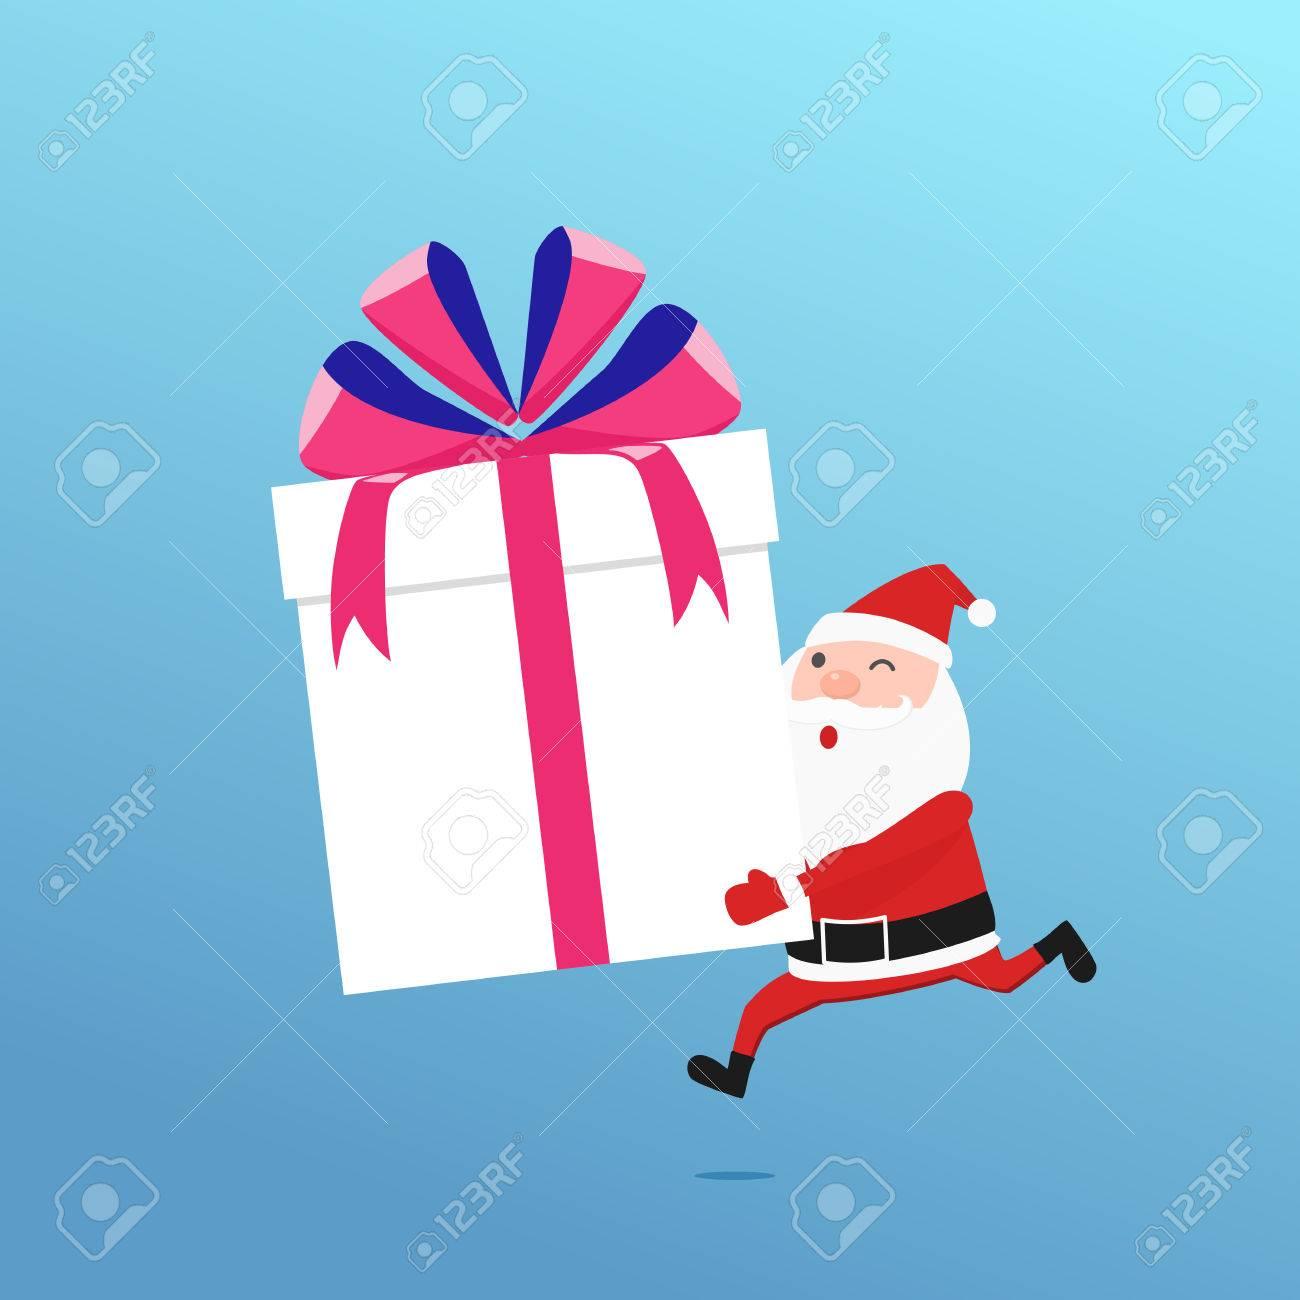 Fröhliche Weihnachten. Weihnachtsmann Hält Große Geschenk-Box ...